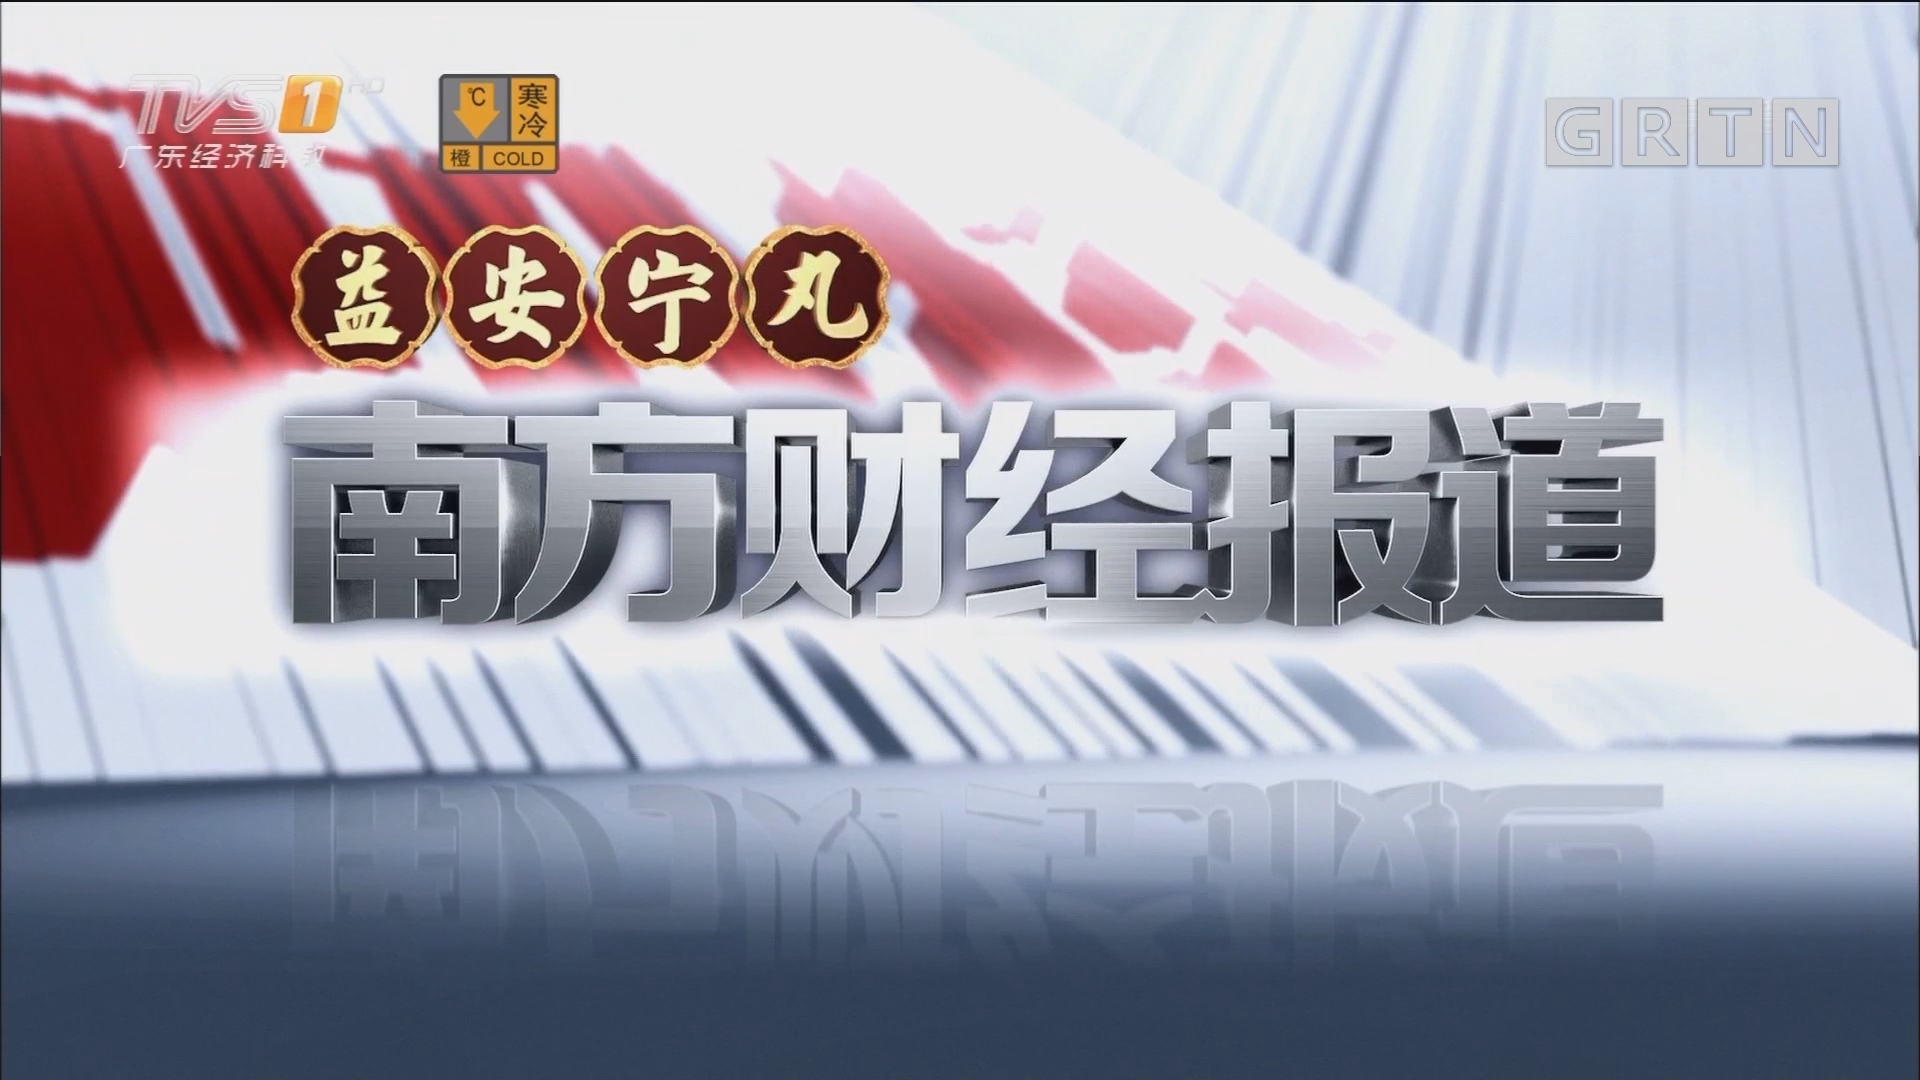 [HD][2018-01-10]南方财经报道:重磅消息! 广州将取消农业户口